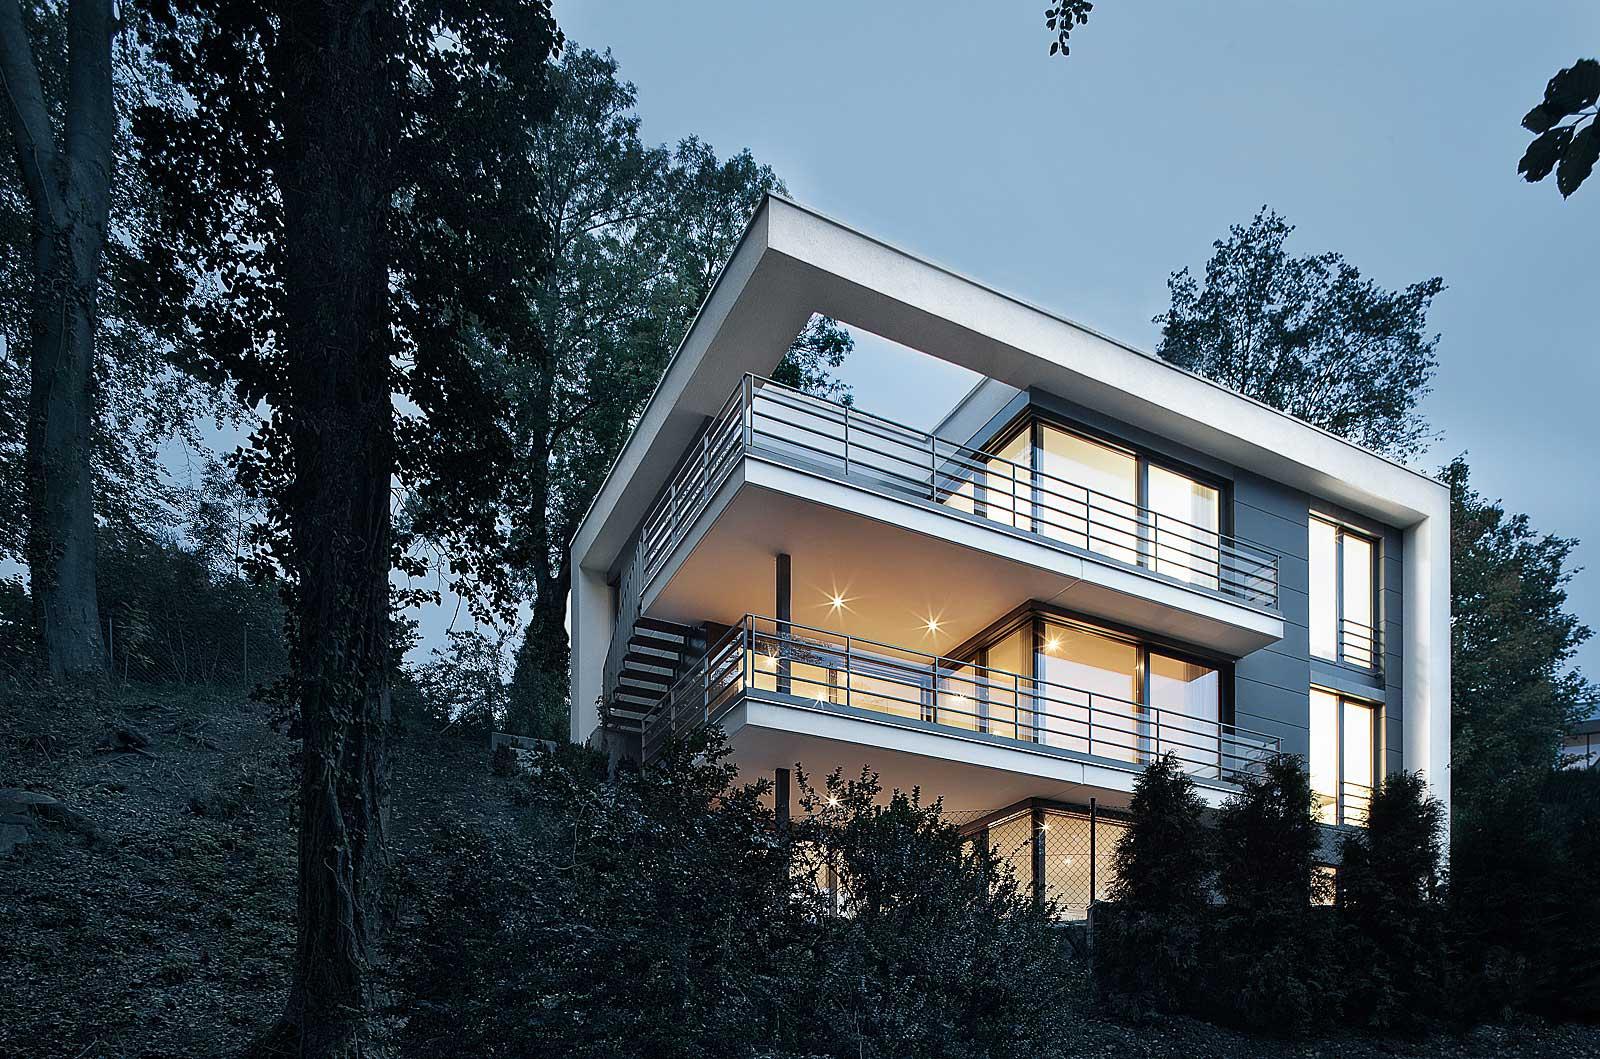 Fotos Einfamilienhaus, Architekturfotografie aus München, Architekturfotos